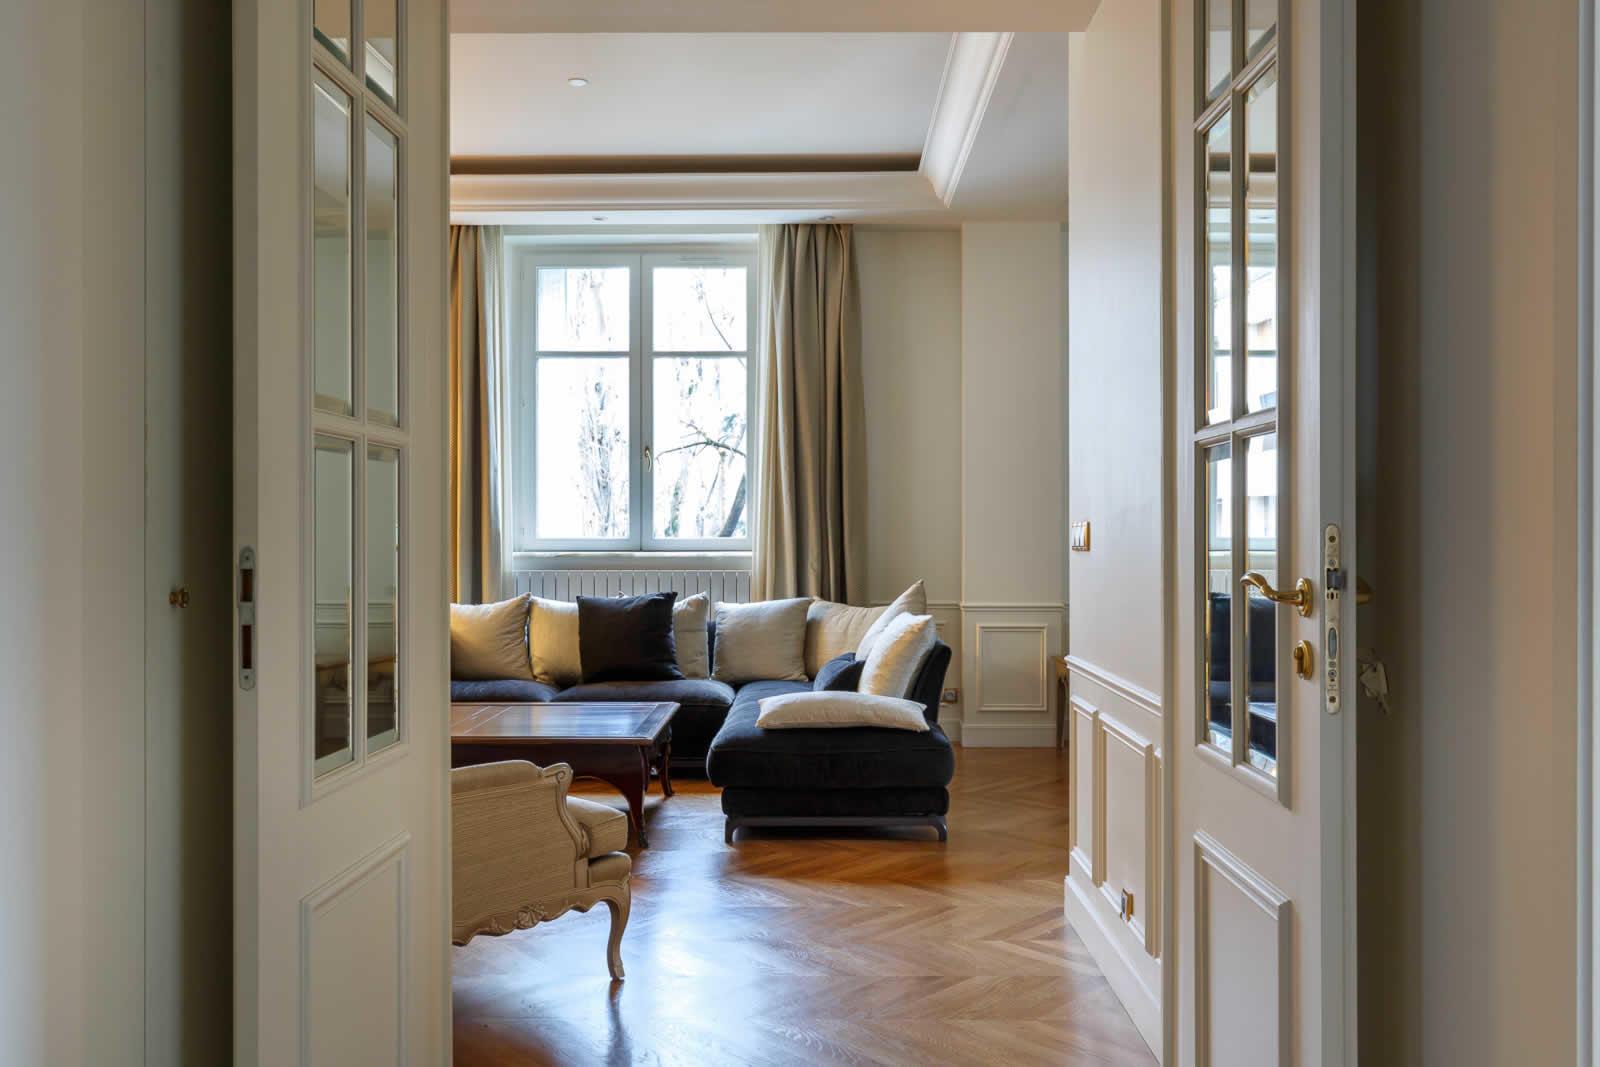 grand-appartement-familial-raffine-a-vendre-elegant-immeuble-double-cave-parking